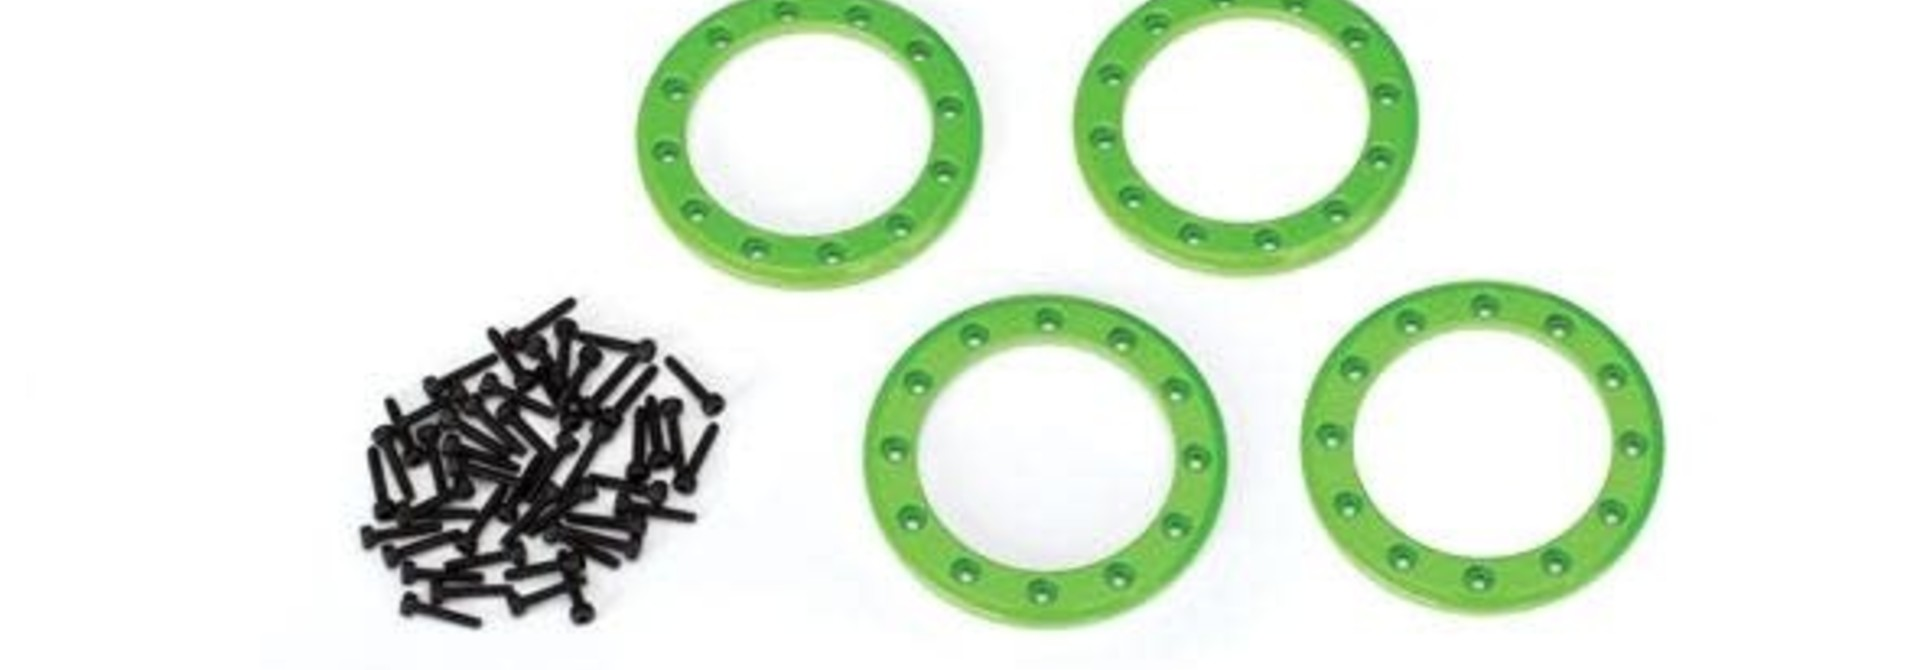 Beadlock rings, green (1.9') (aluminum) (4)/ 2x10 CS (48)